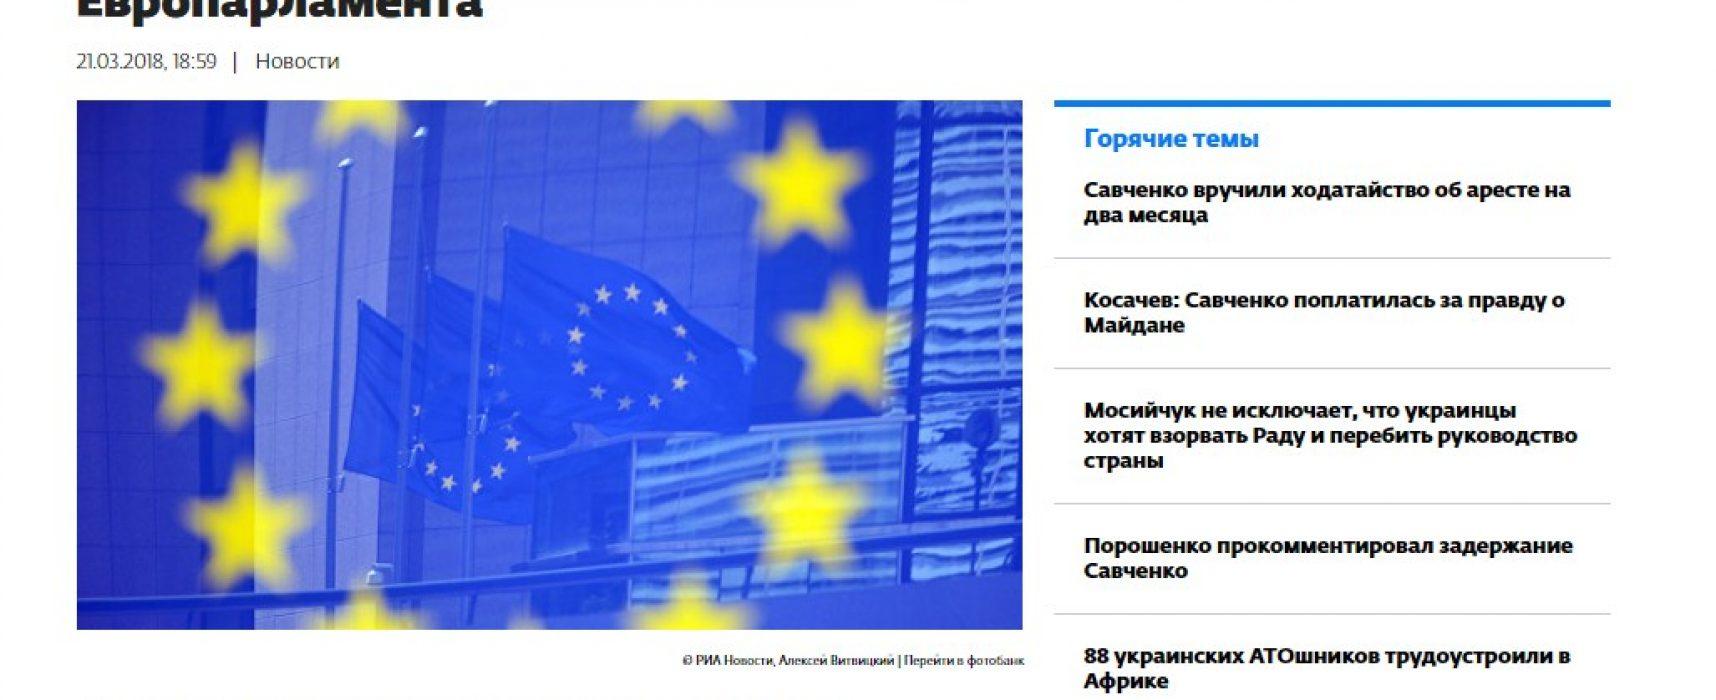 Manipulacja: Przeciwko Nord Stream 2 głosowało 5% europosłów